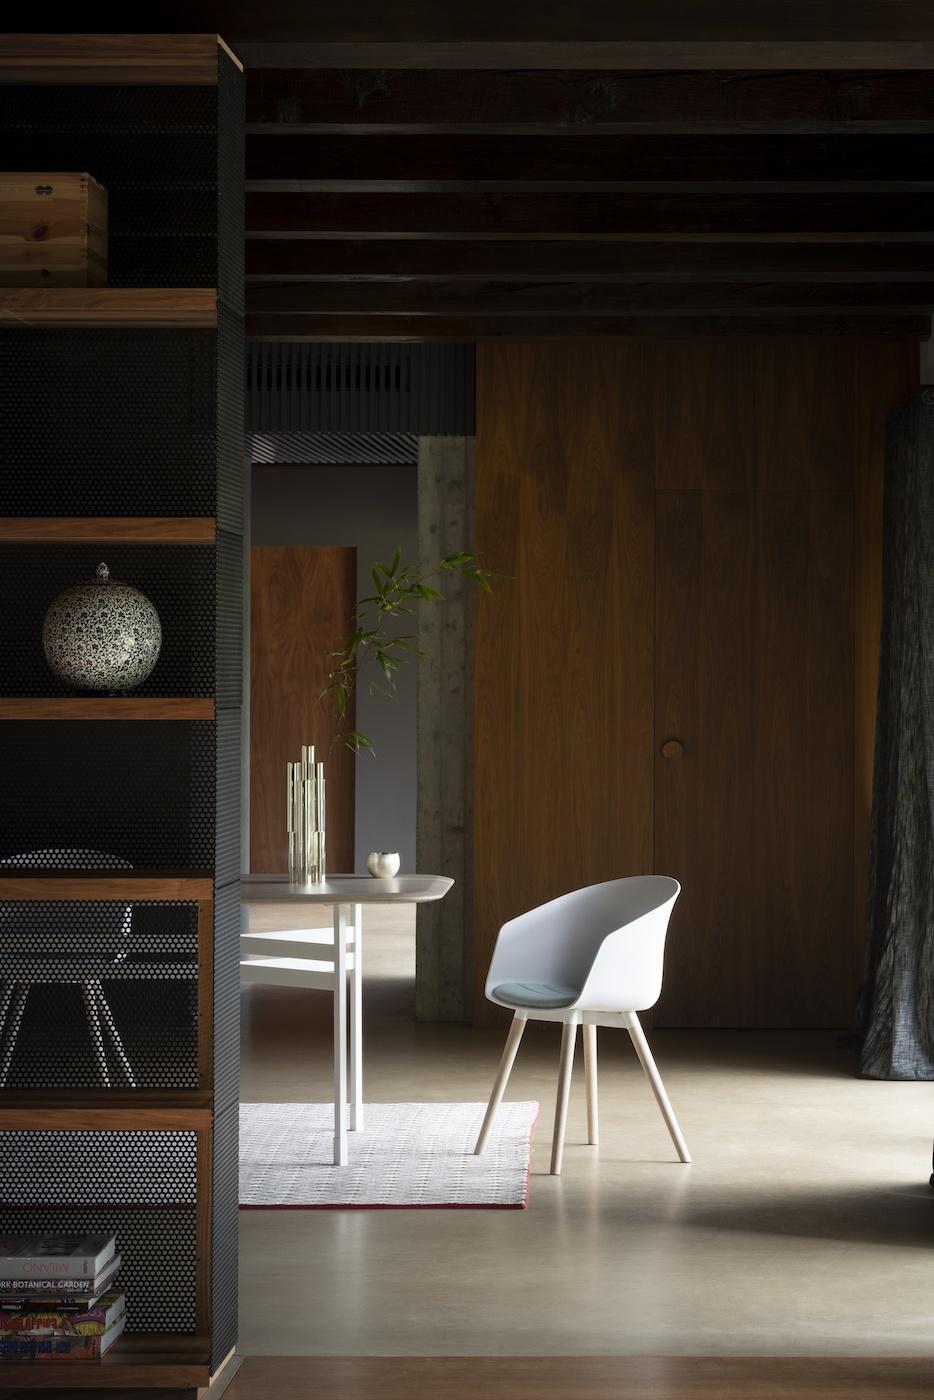 arredare-casa-moderna-con-oggetti-in-argento-zanetto-argenti